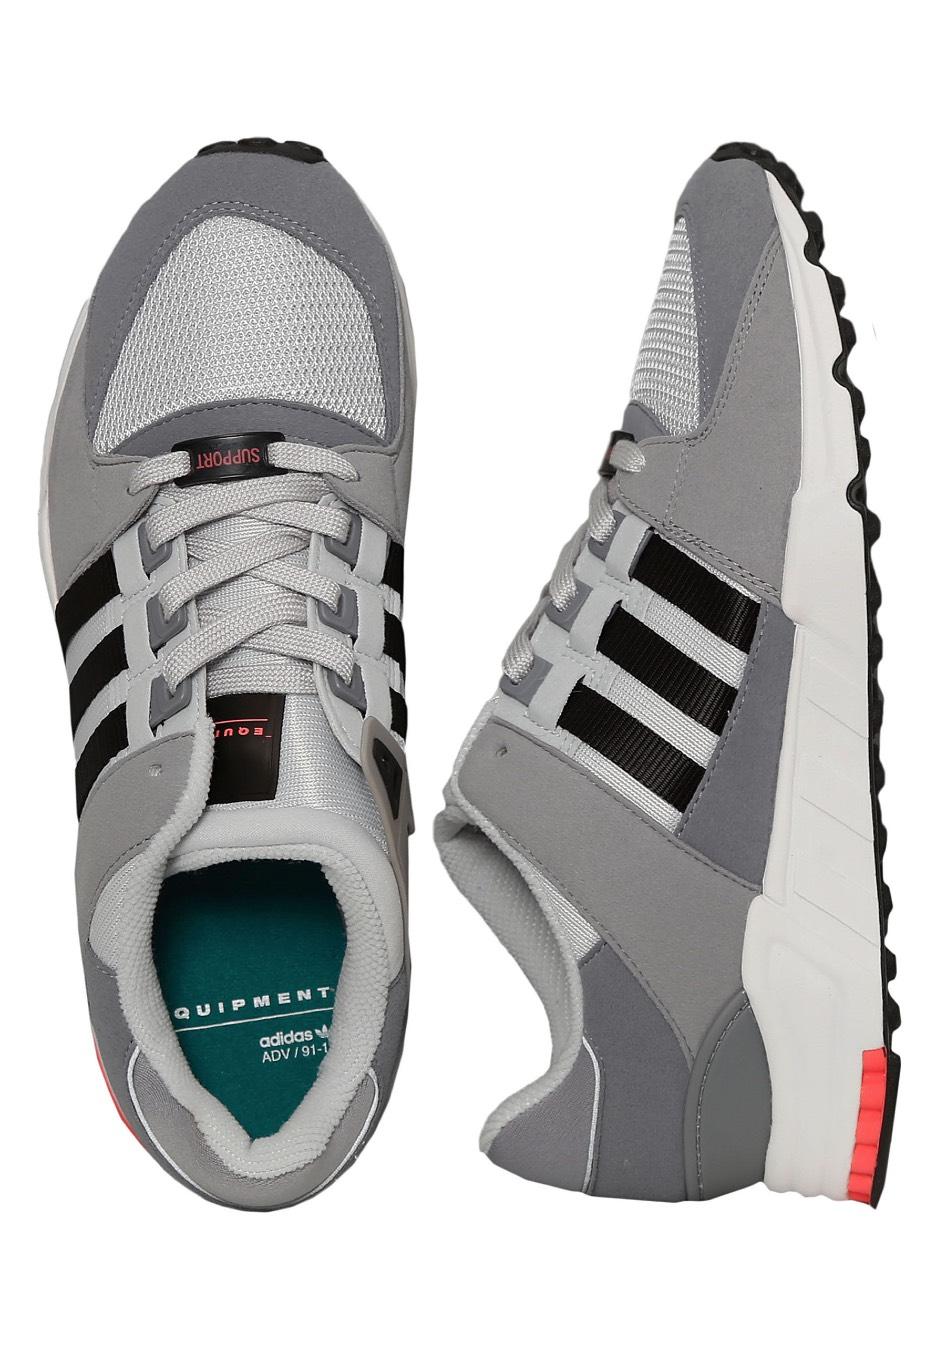 Men's Adidas EQT Support RF PK Renarts